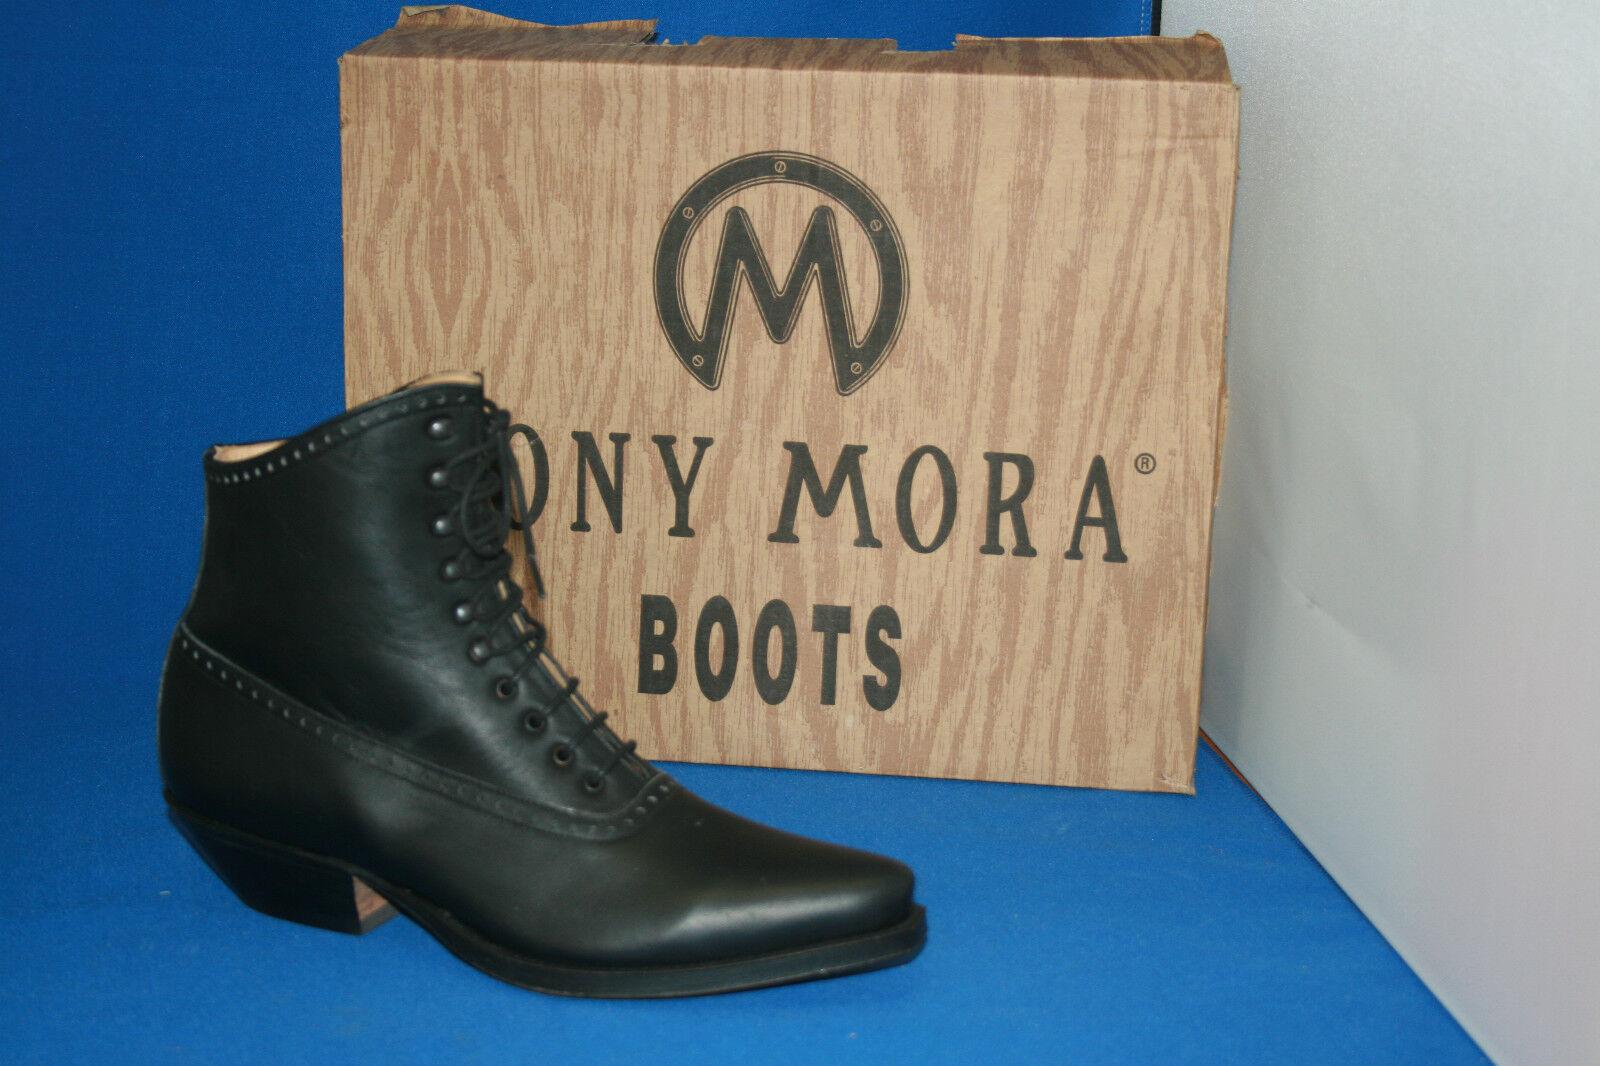 Tony mora Boots botín Western botas de cuero nuevo talla. 38